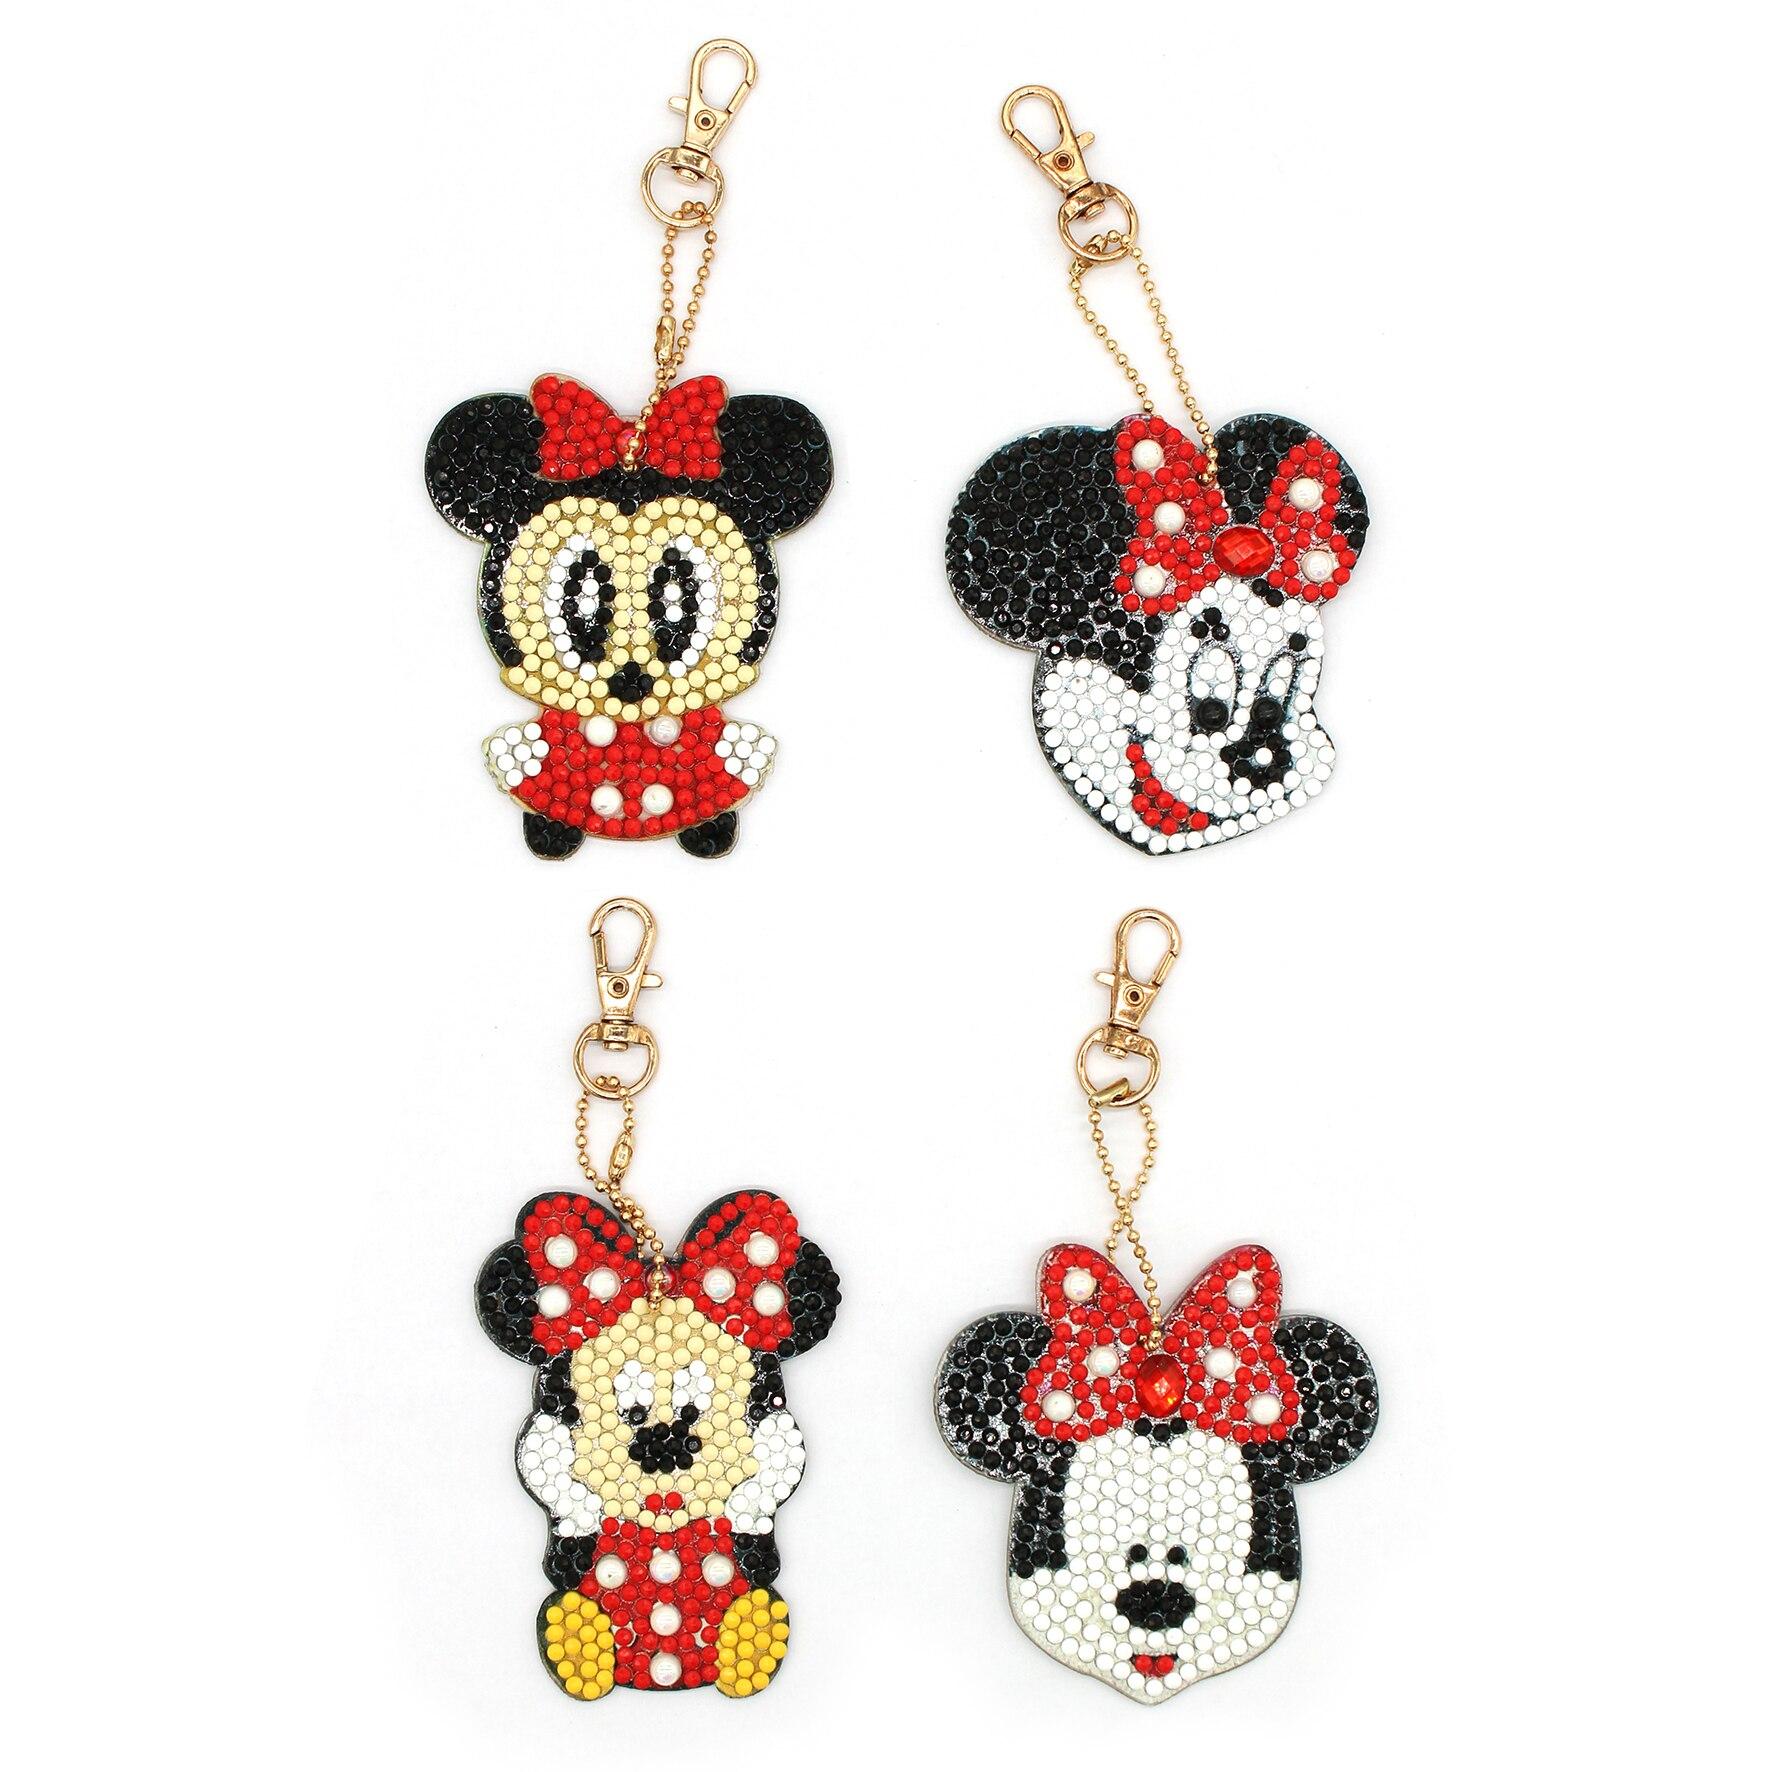 Shirliben-sac de peinture en diamant MK001 | Artisanat bricolage, Minnie Mickey Mouse, porte-clés 4 pièces mosaïque en diamant pour femmes et filles